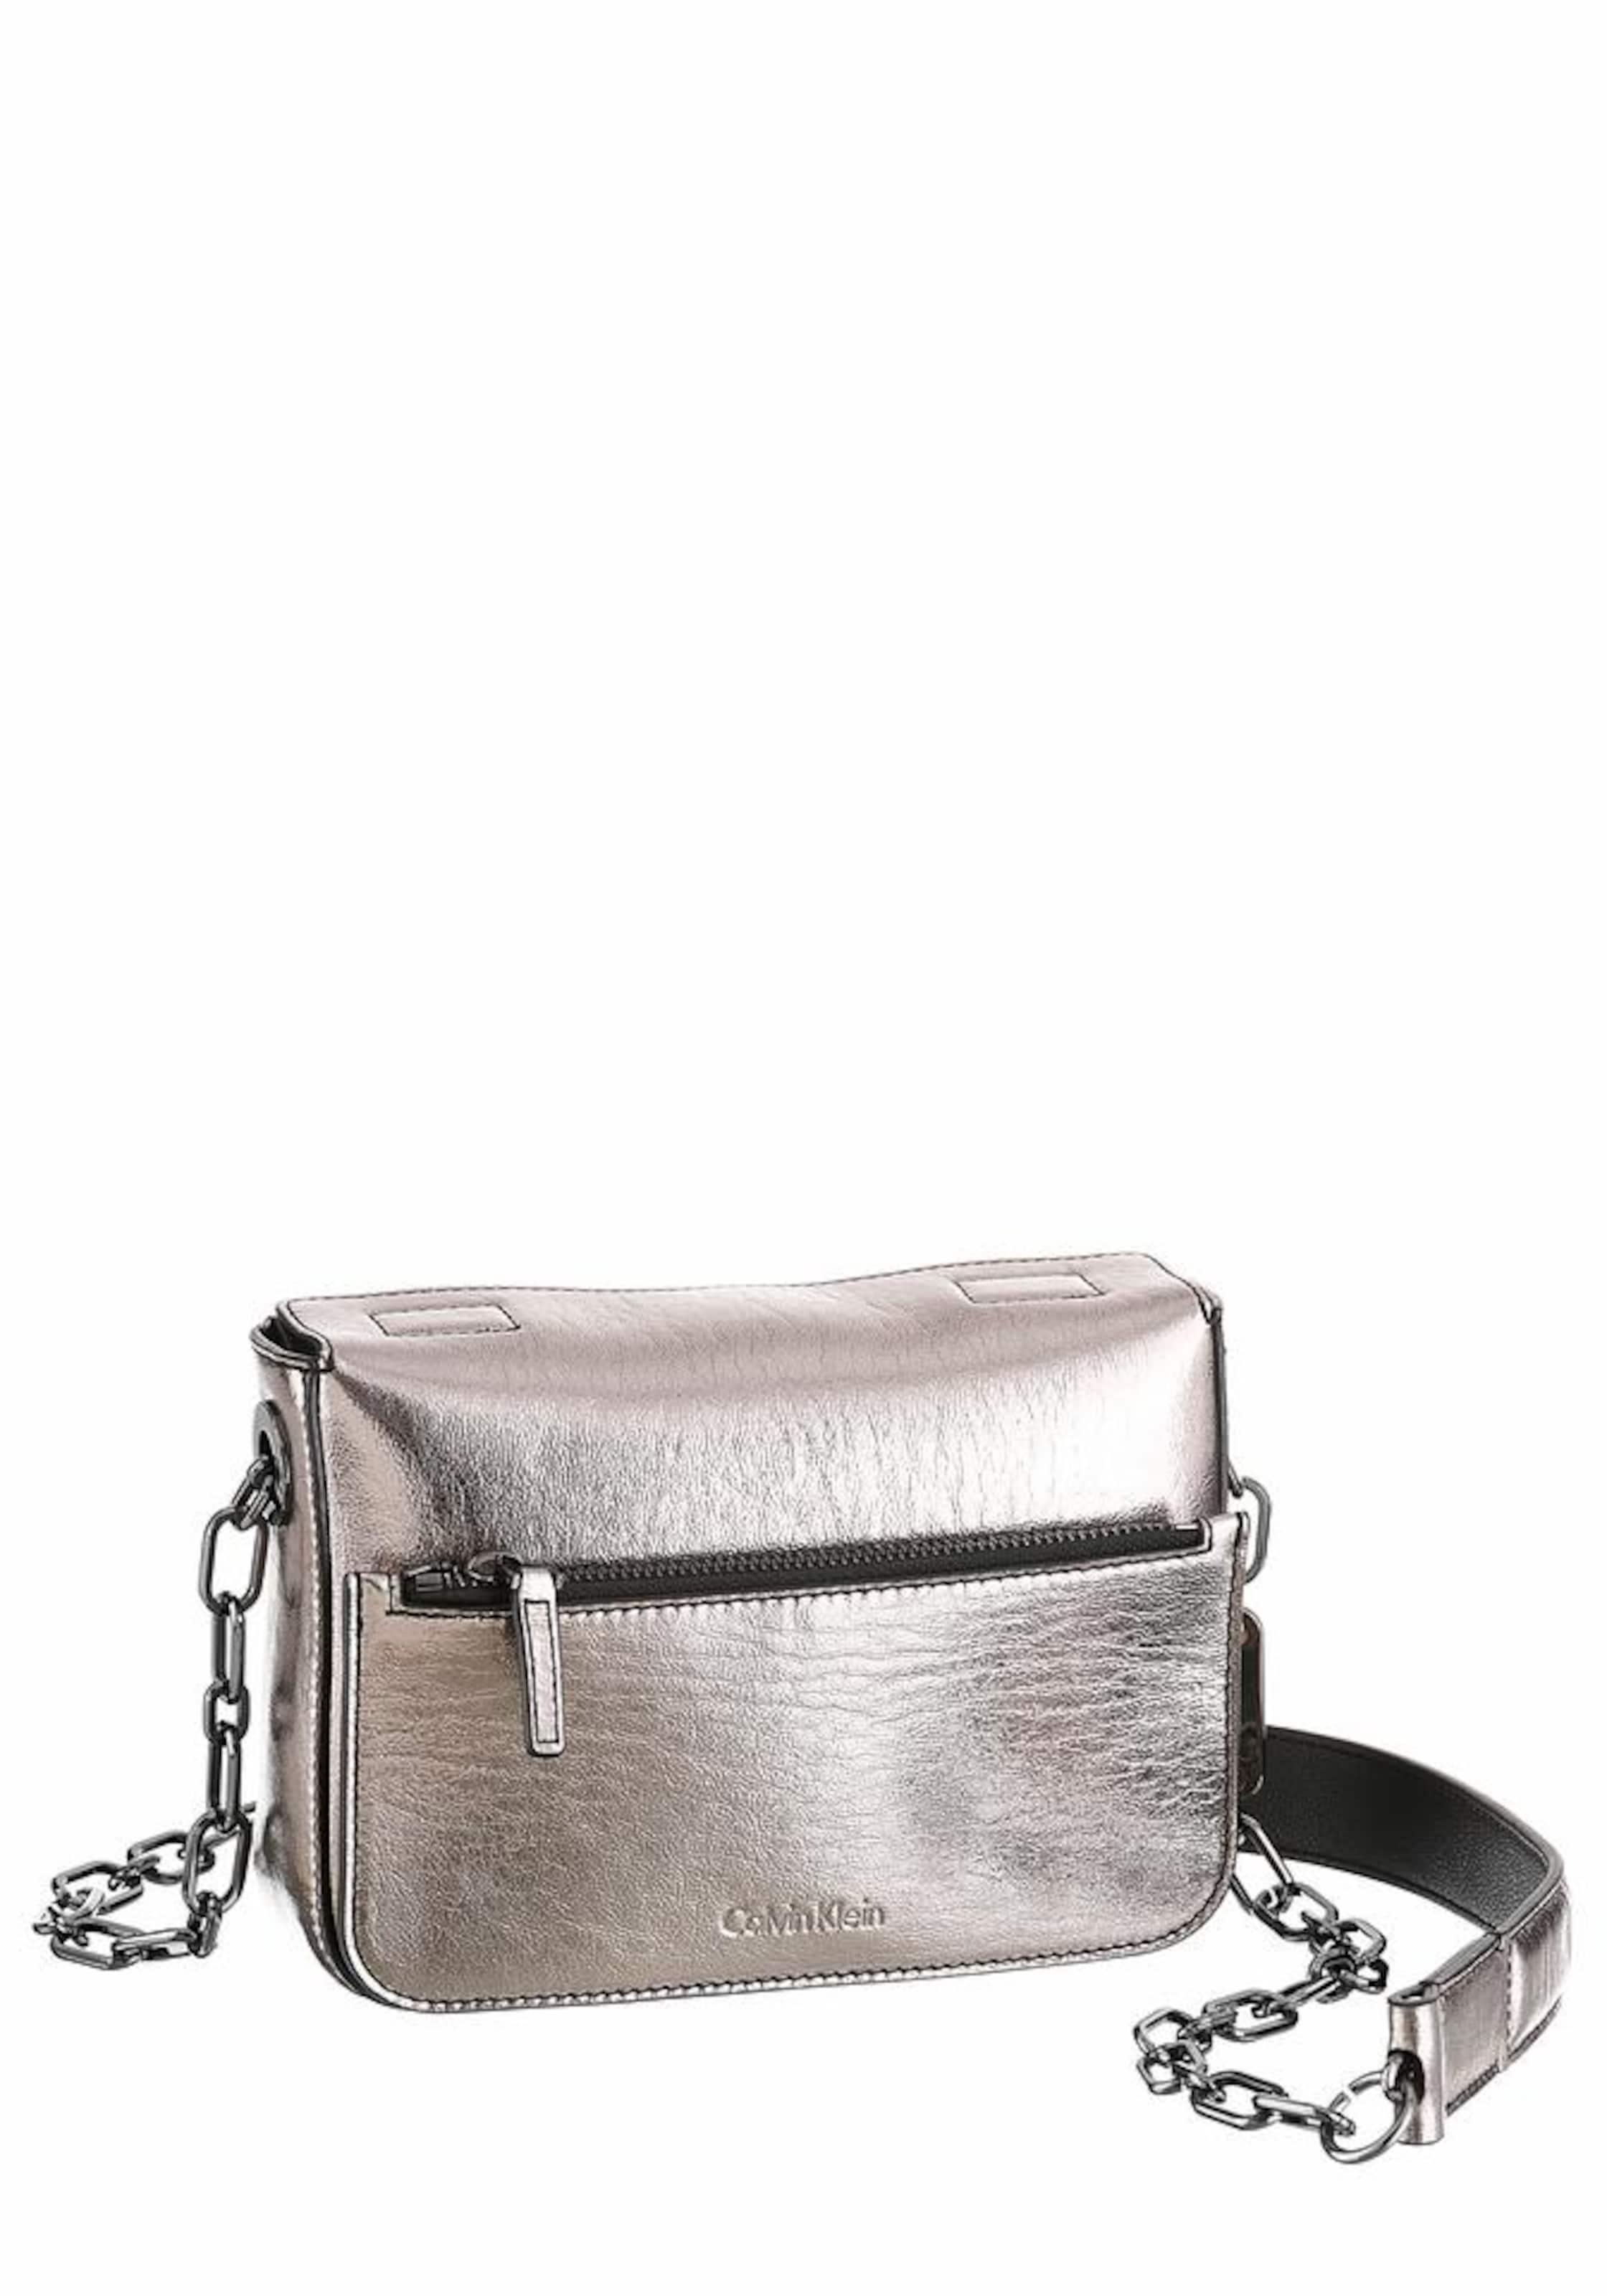 Calvin Klein Schultertasche 'NIGHT OUT SMALL SHOULDER BAG METALIC' Billig Genießen Großer Rabatt Zum Verkauf Großer Verkauf Verkauf Online 2vHHO